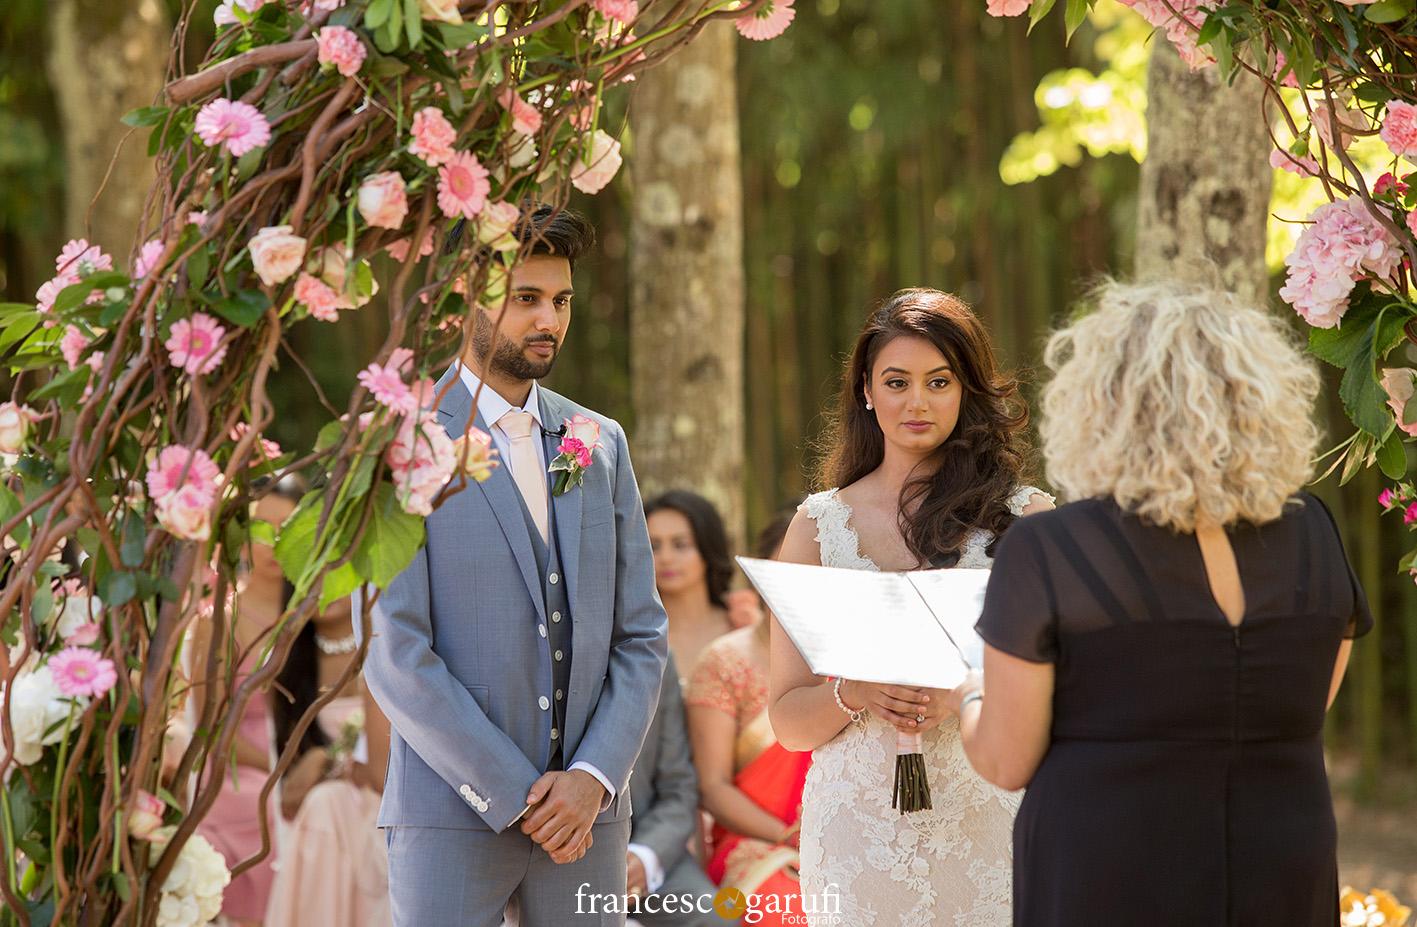 matrimonio civile di una coppia indiana in Toscana